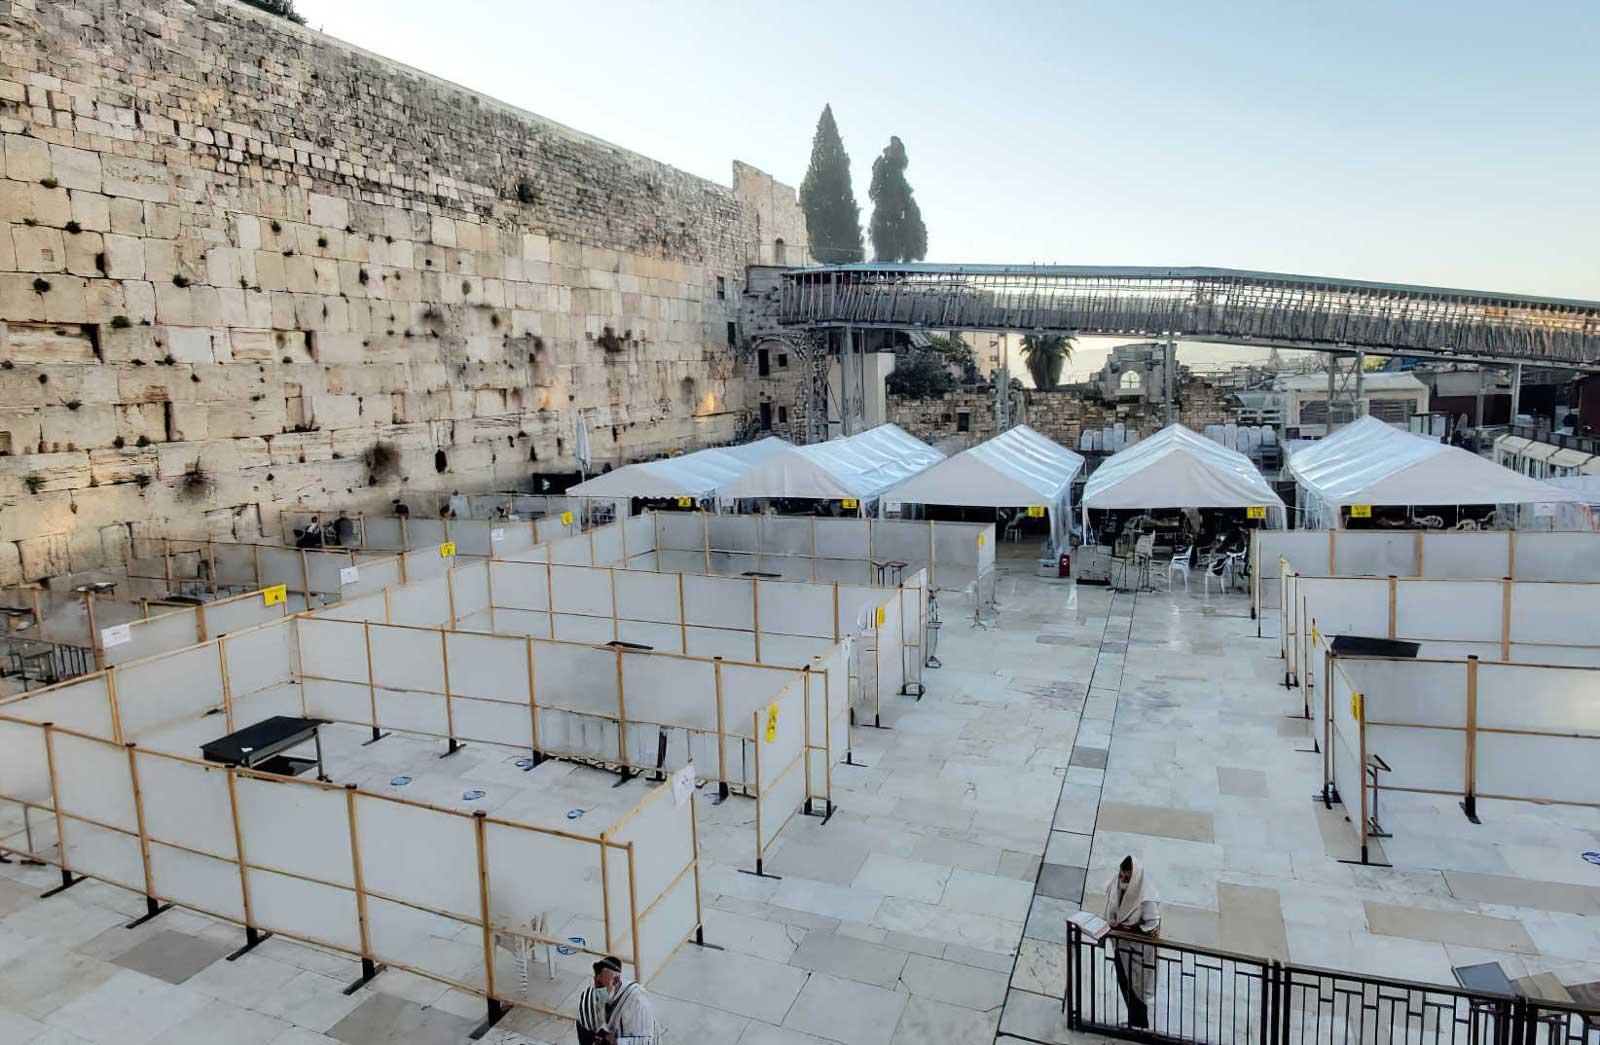 La plaza del Muro Occidental se dividirá en secciones debido a las normas contra el COVID